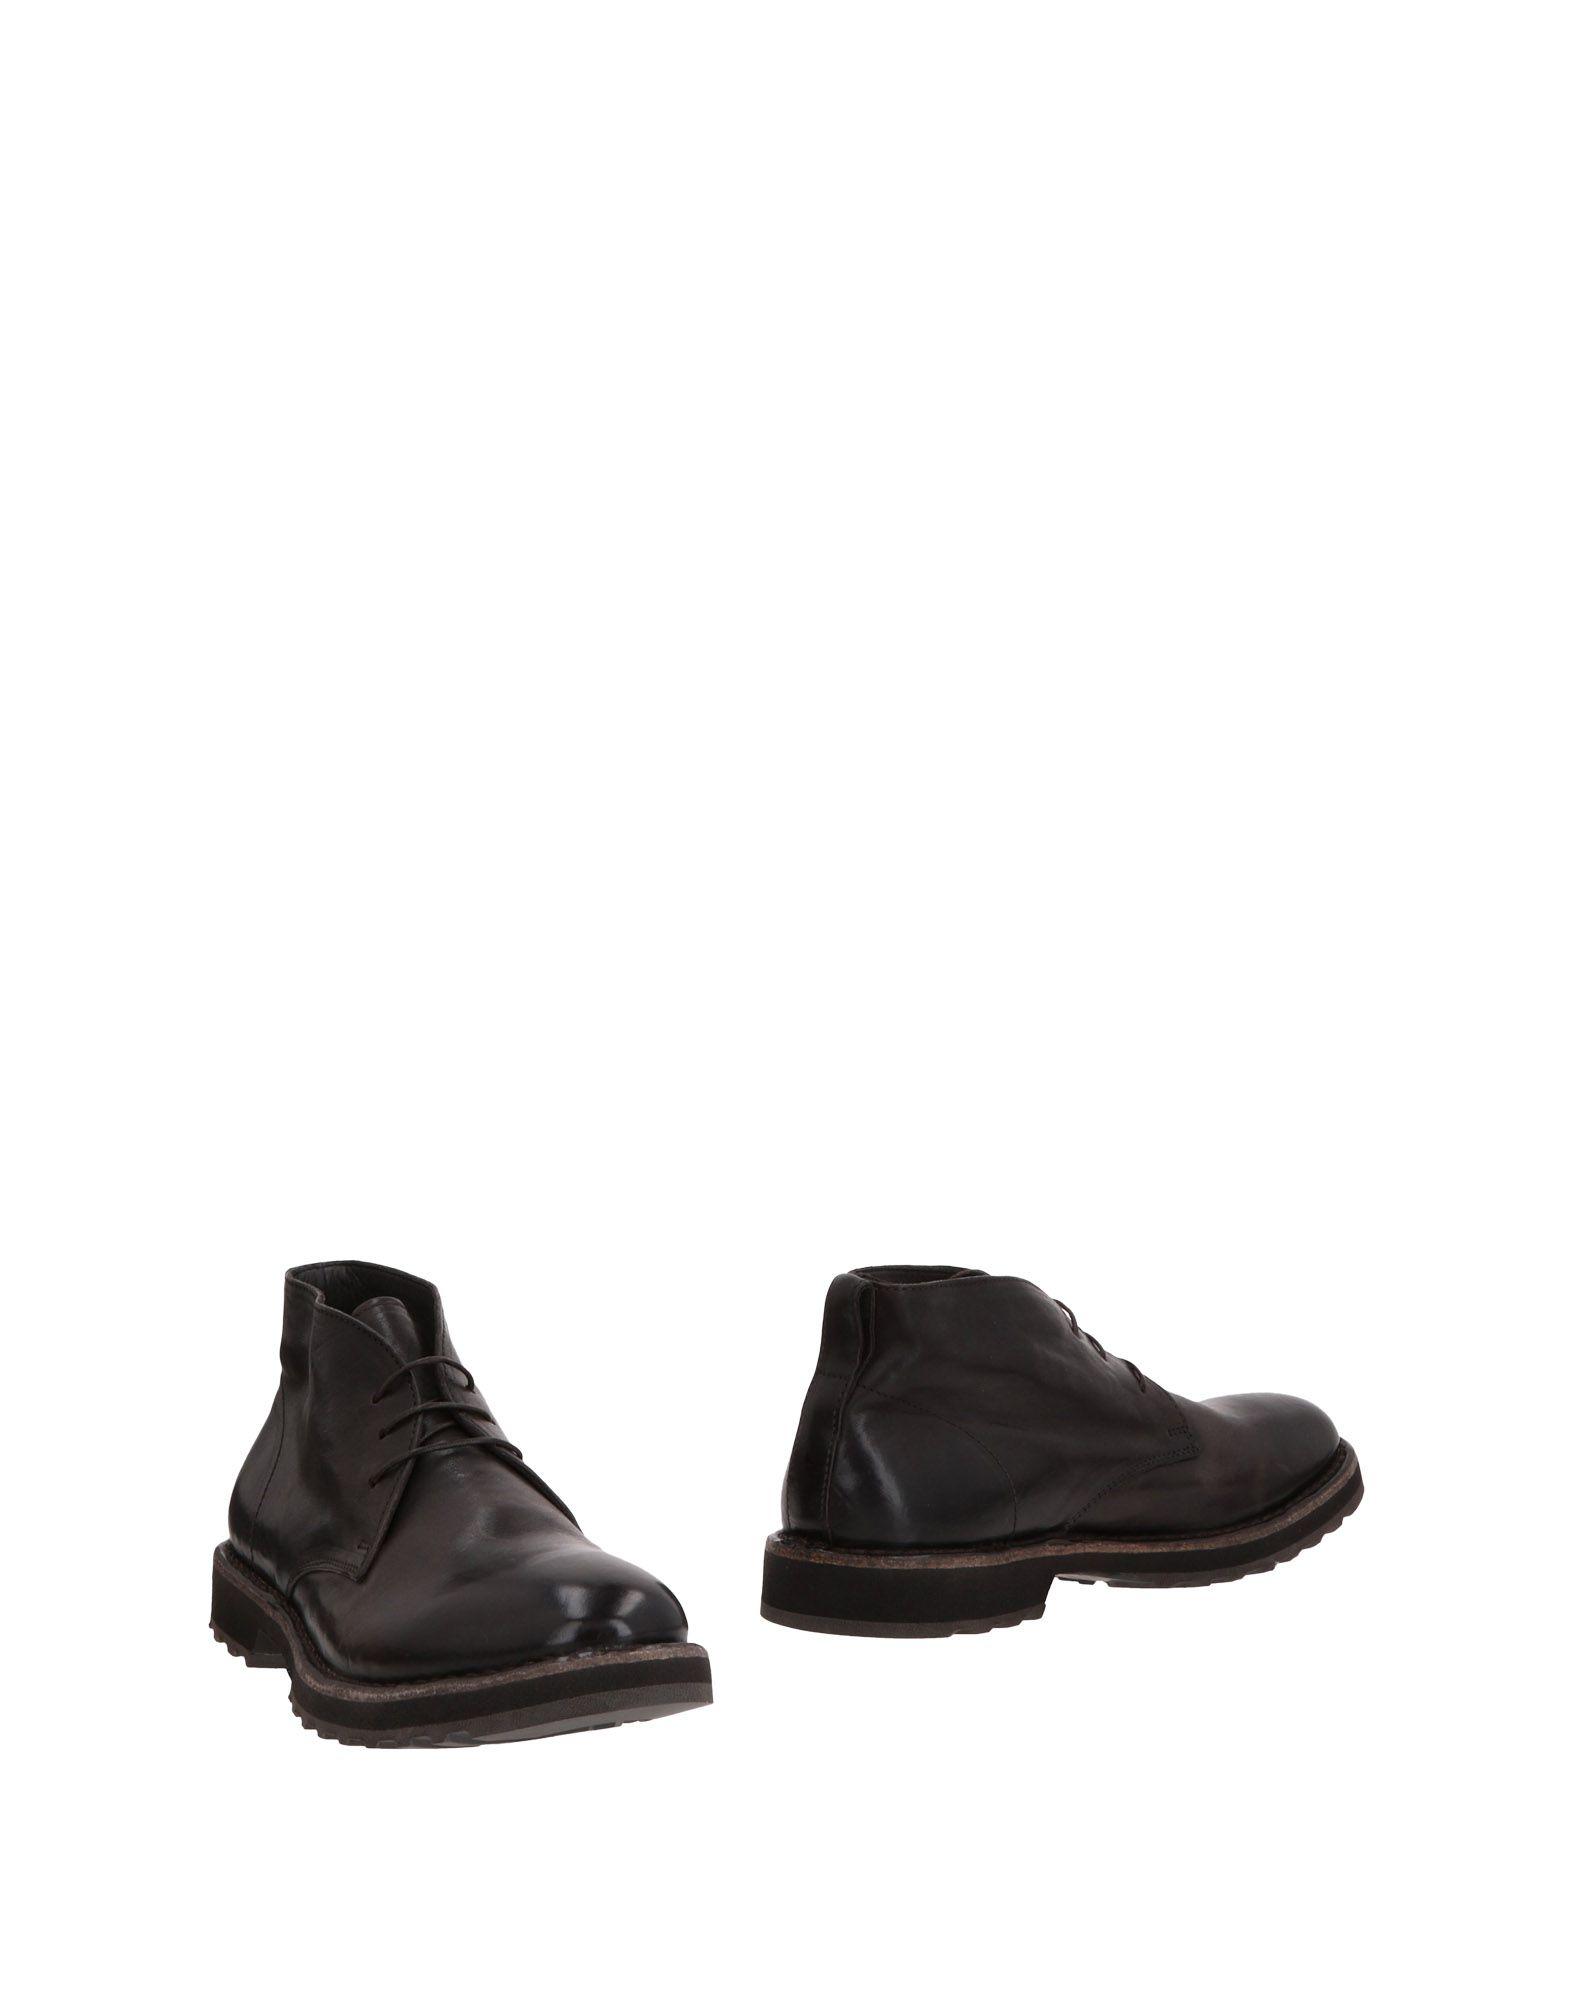 Moma Stiefelette Qualität Herren  11471616UP Gute Qualität Stiefelette beliebte Schuhe 9af4f8